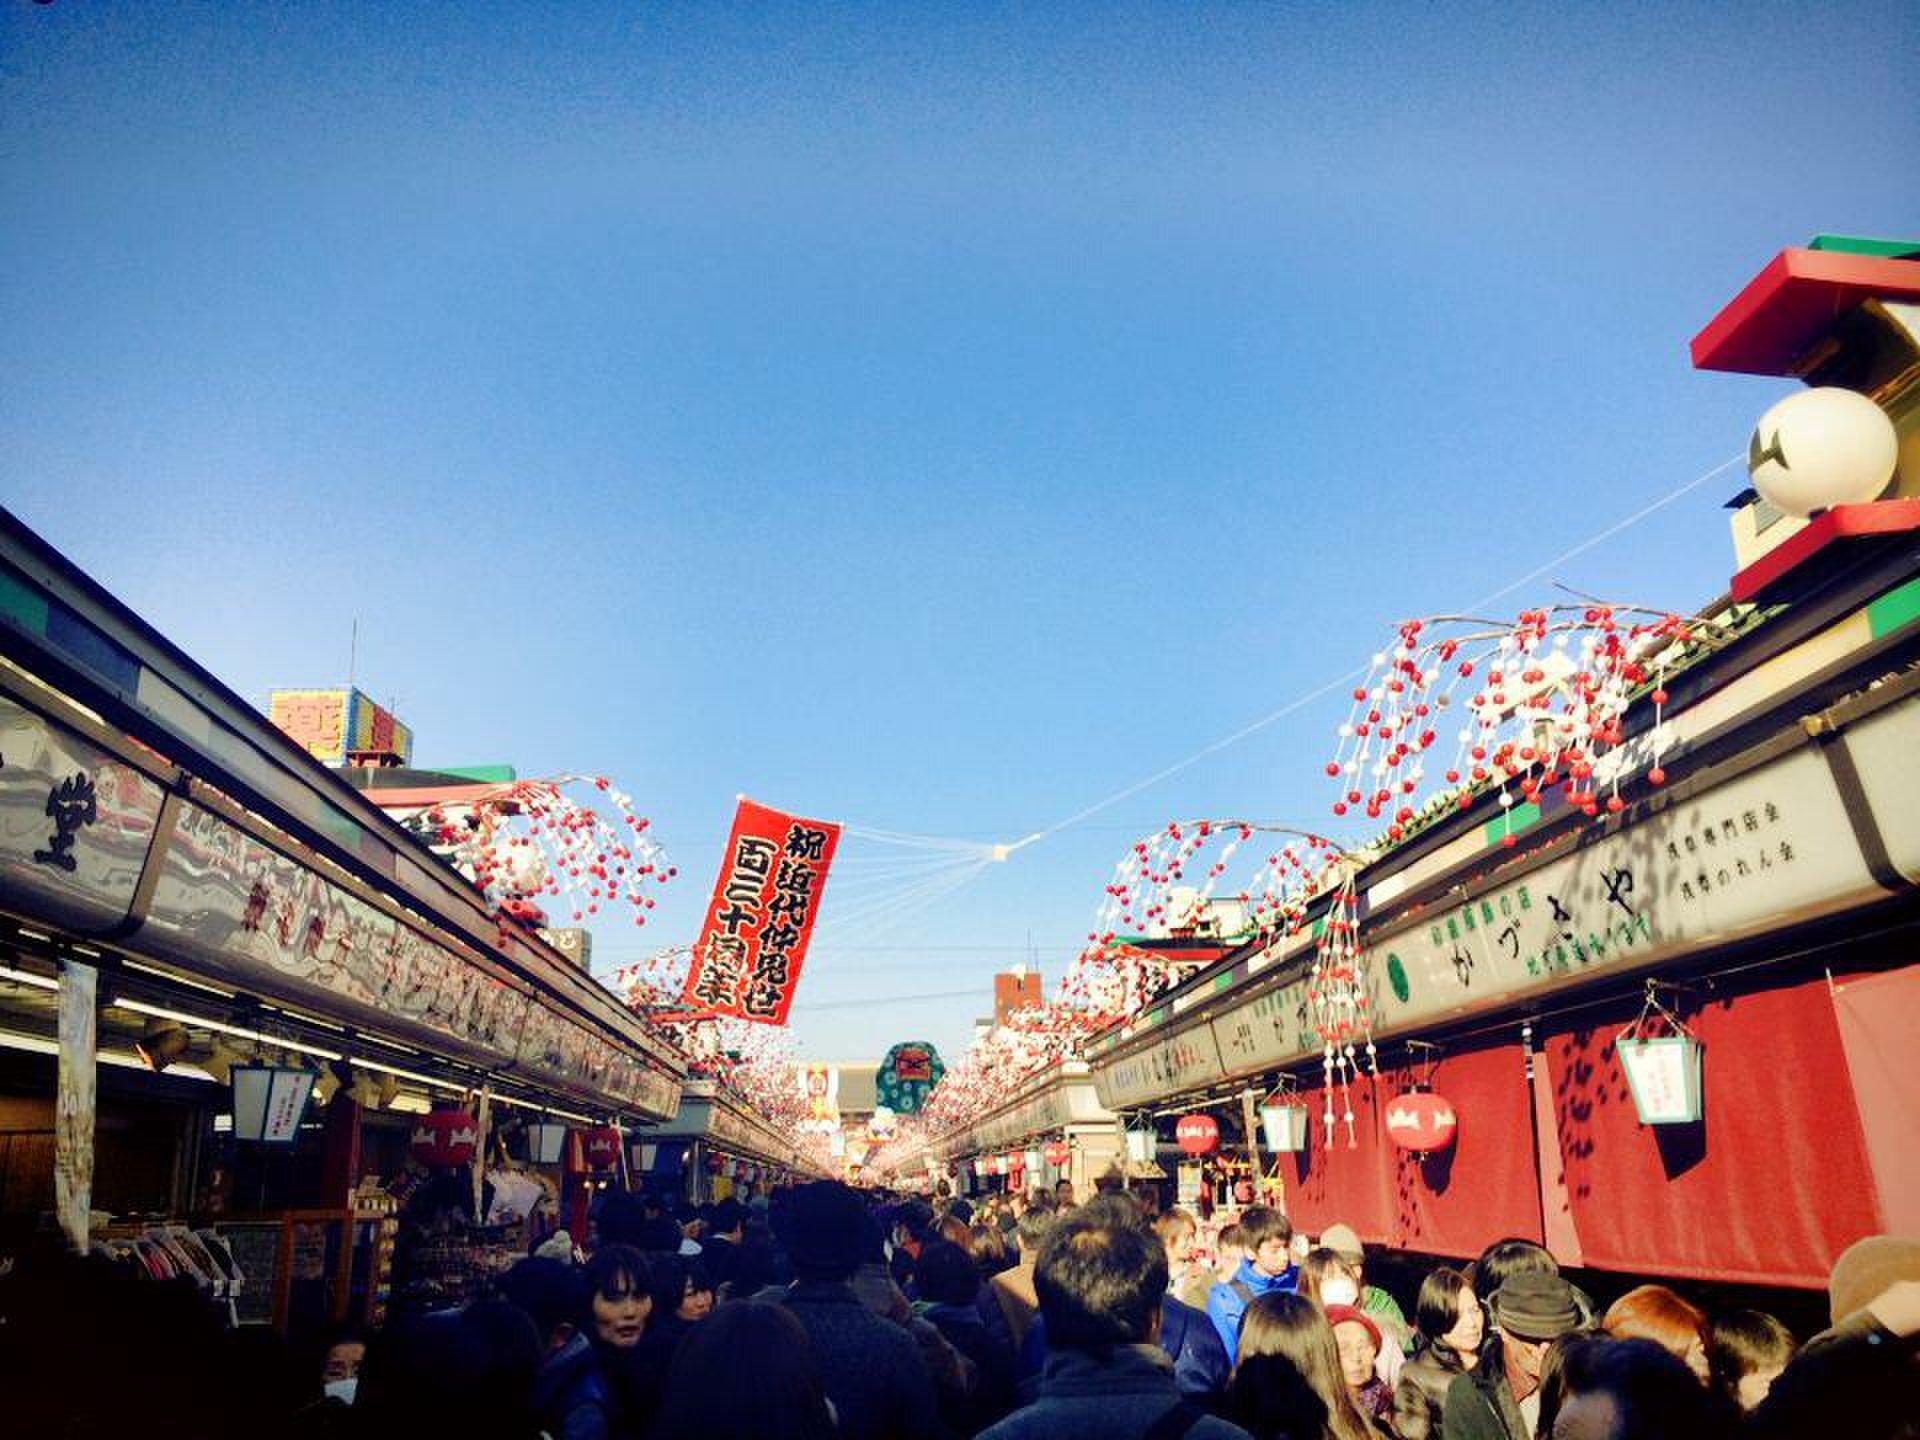 【浅草寺〜スカイツリー散歩】浅草周辺スイーツを食べてスカイツリーへ!